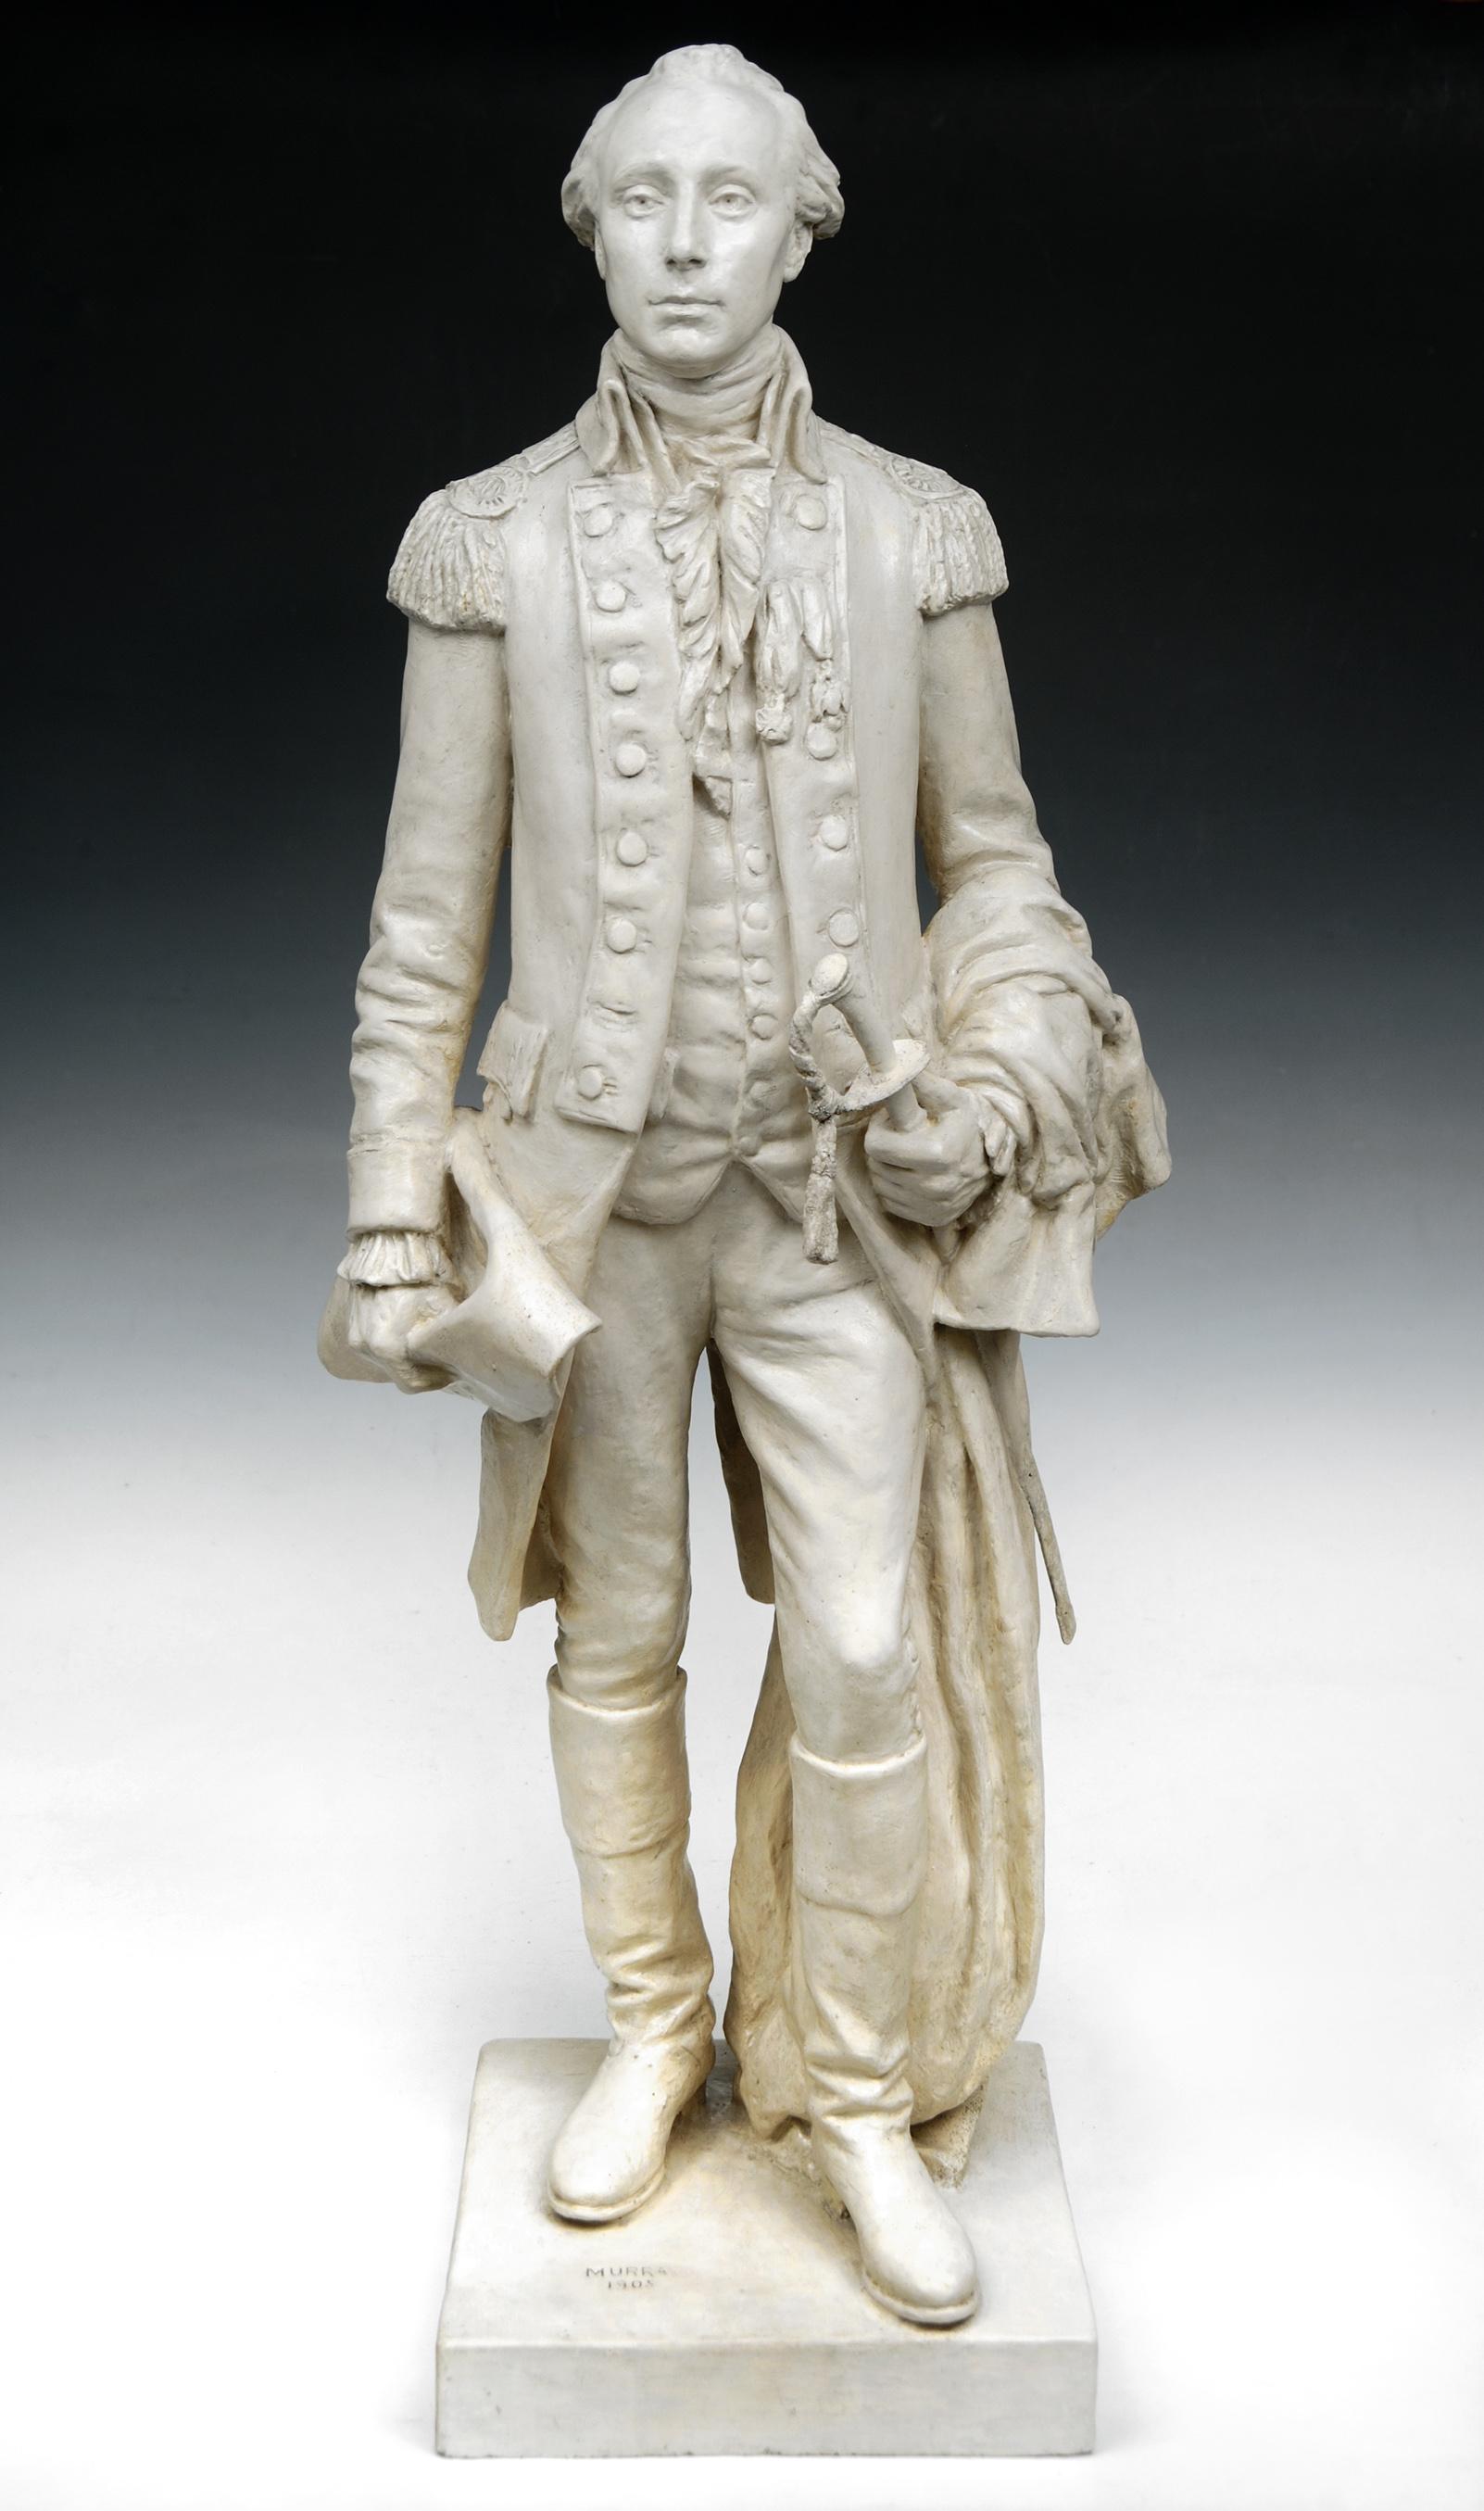 Lafayette statuette by Murray, 1905